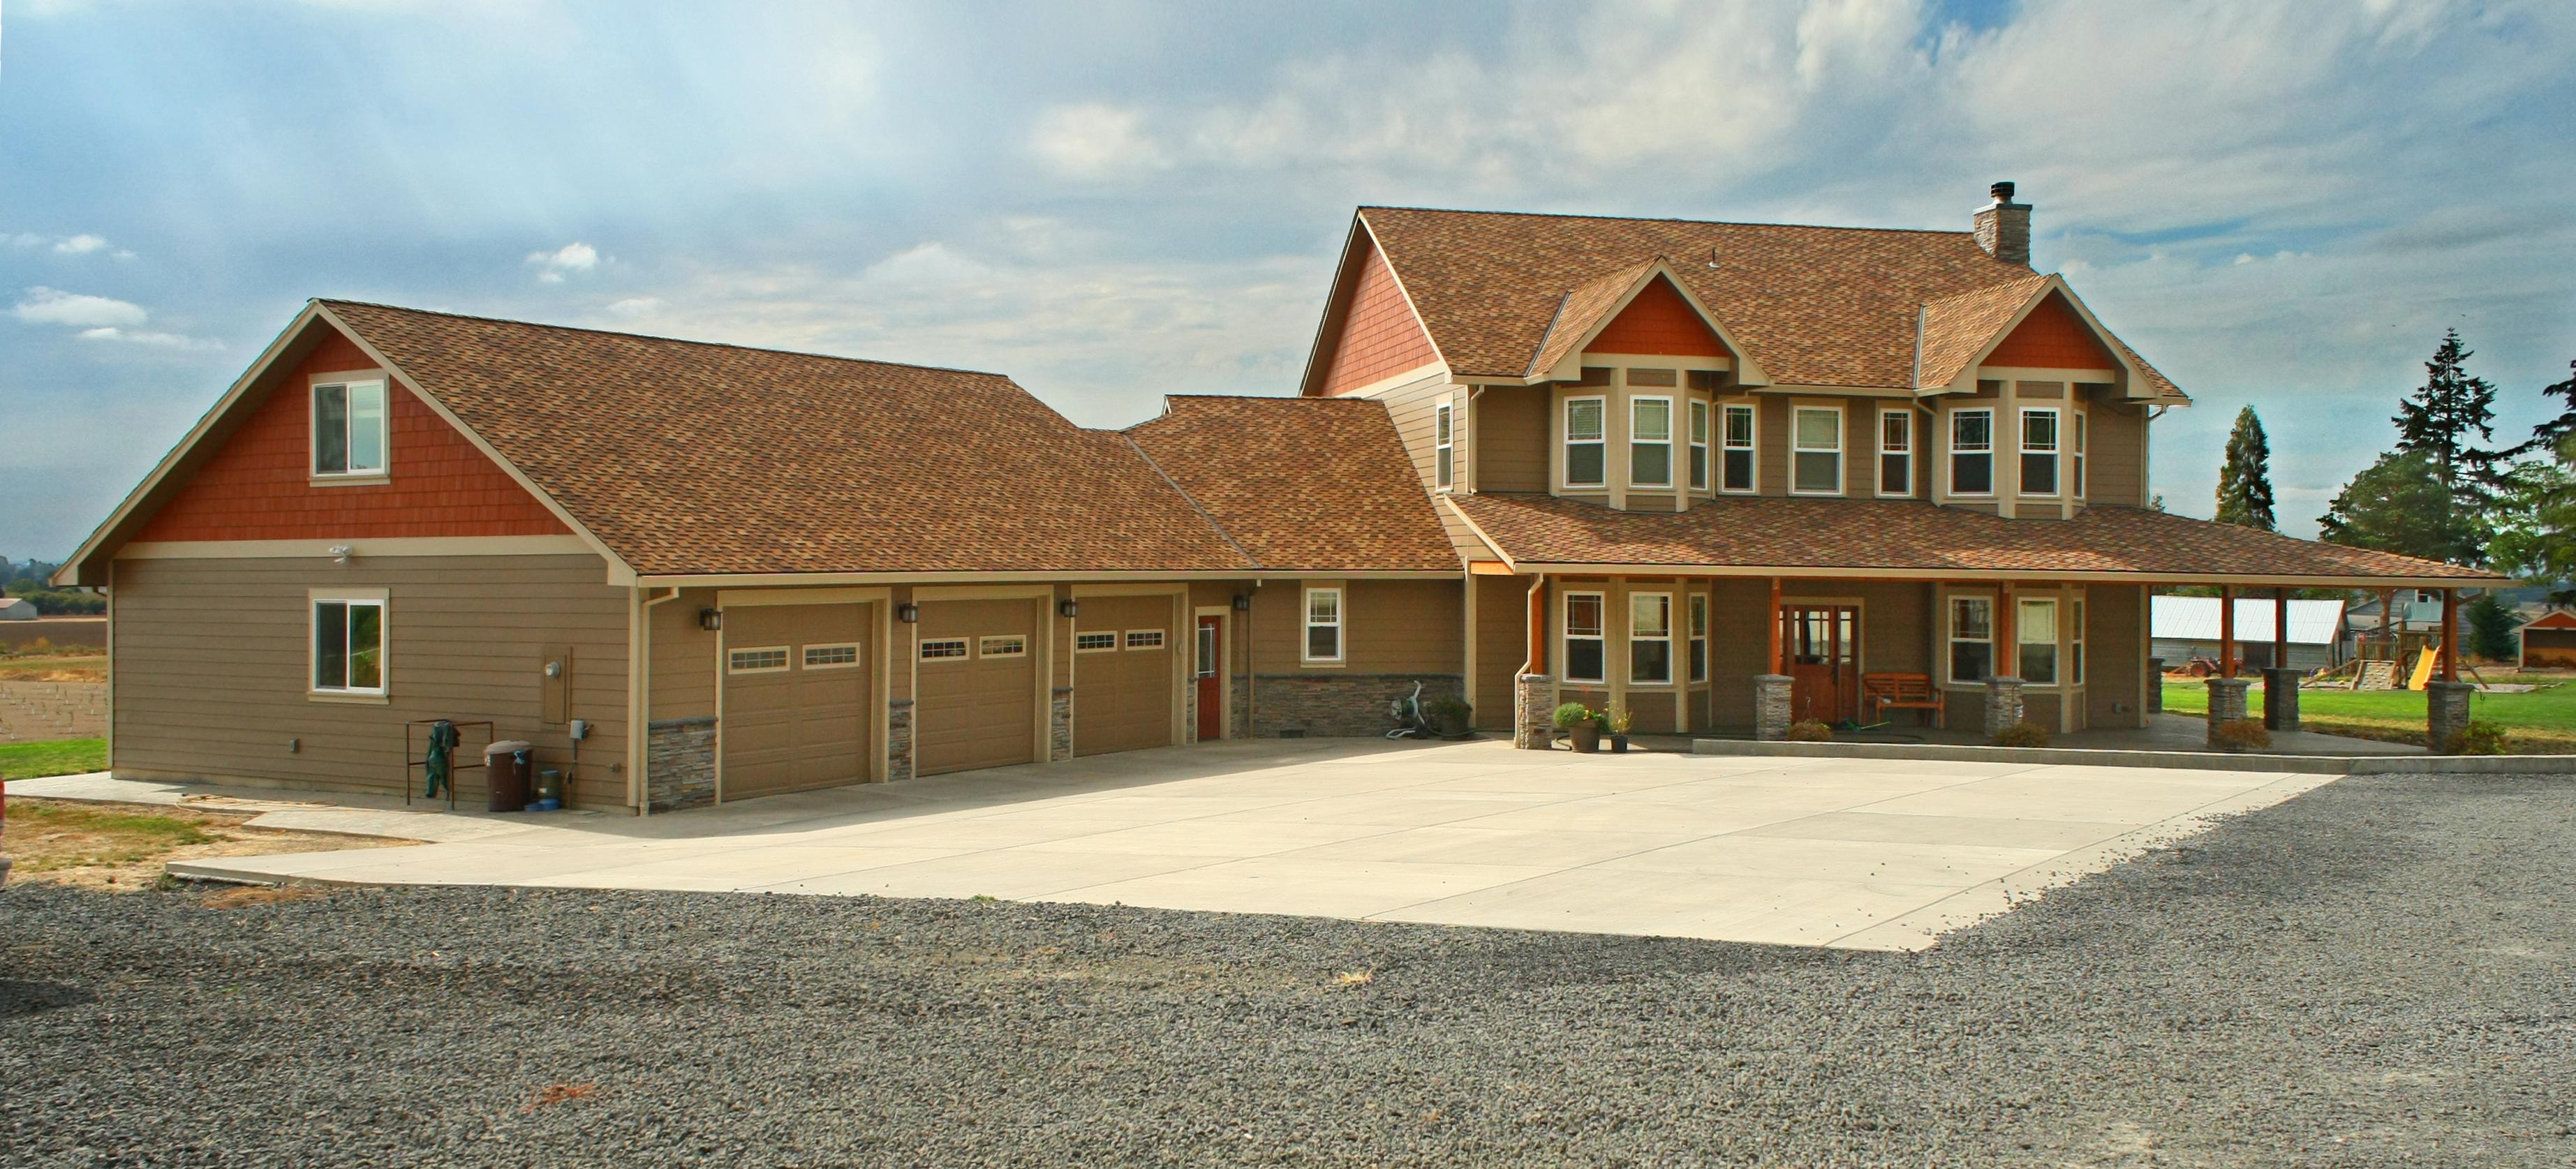 3 bay garage house plans for 3 bay garage